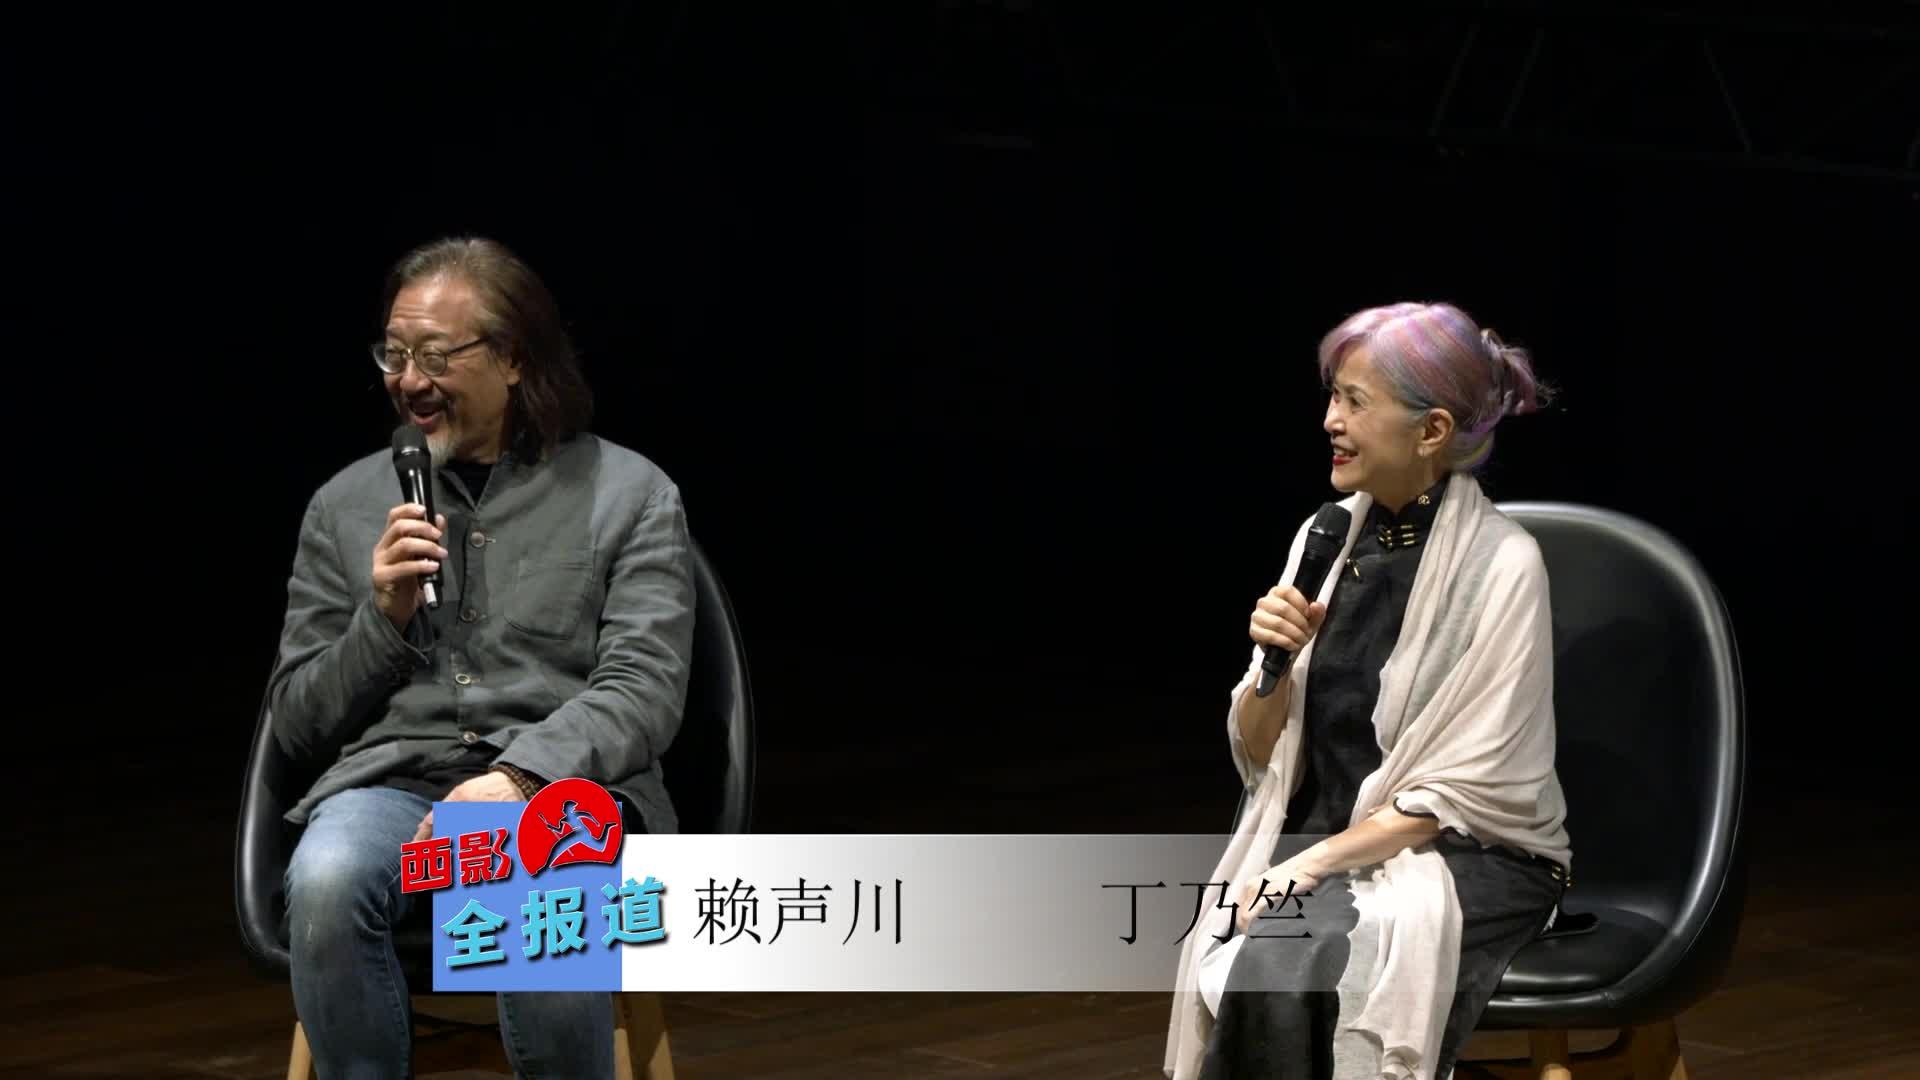 著名华人戏剧家赖声川,上剧场CEO丁乃竺女士的粉丝分享会